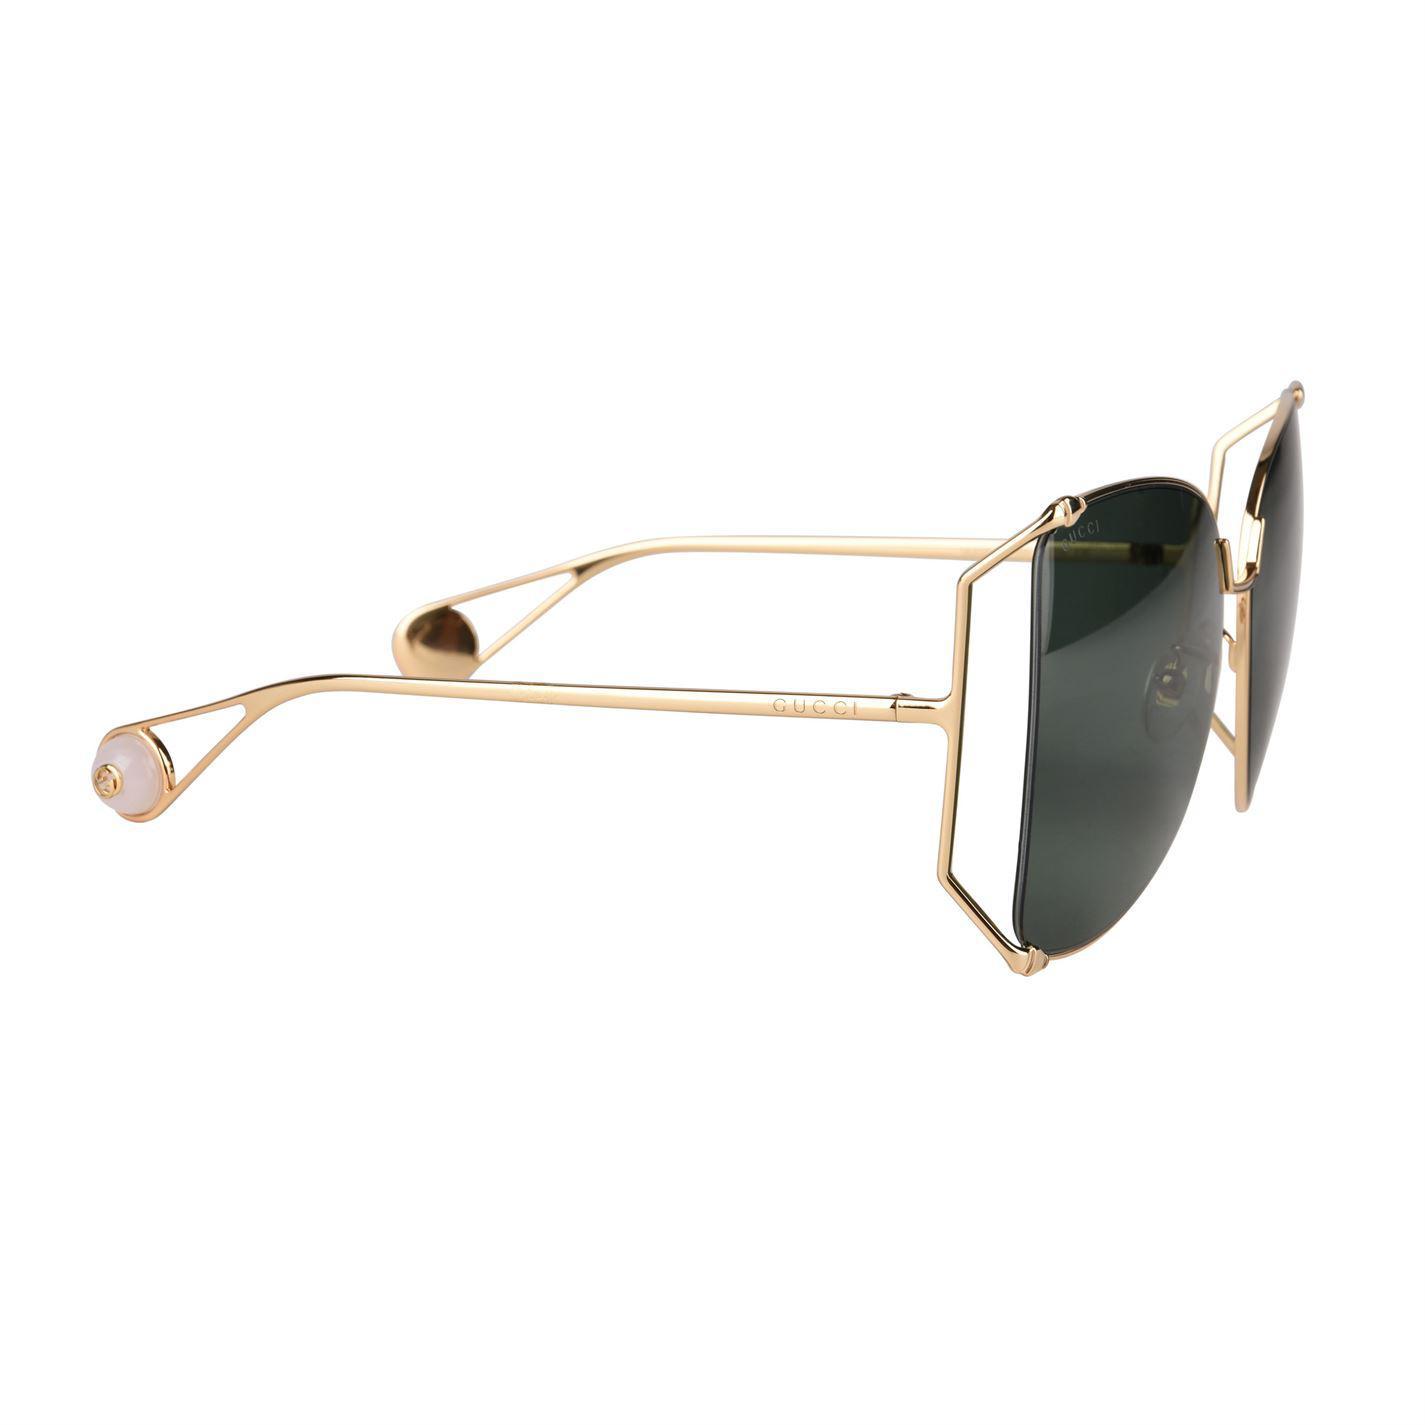 ab93aec3a7e Gucci - Multicolor Gg0252s Round Frame Sunglasses - Lyst. View fullscreen